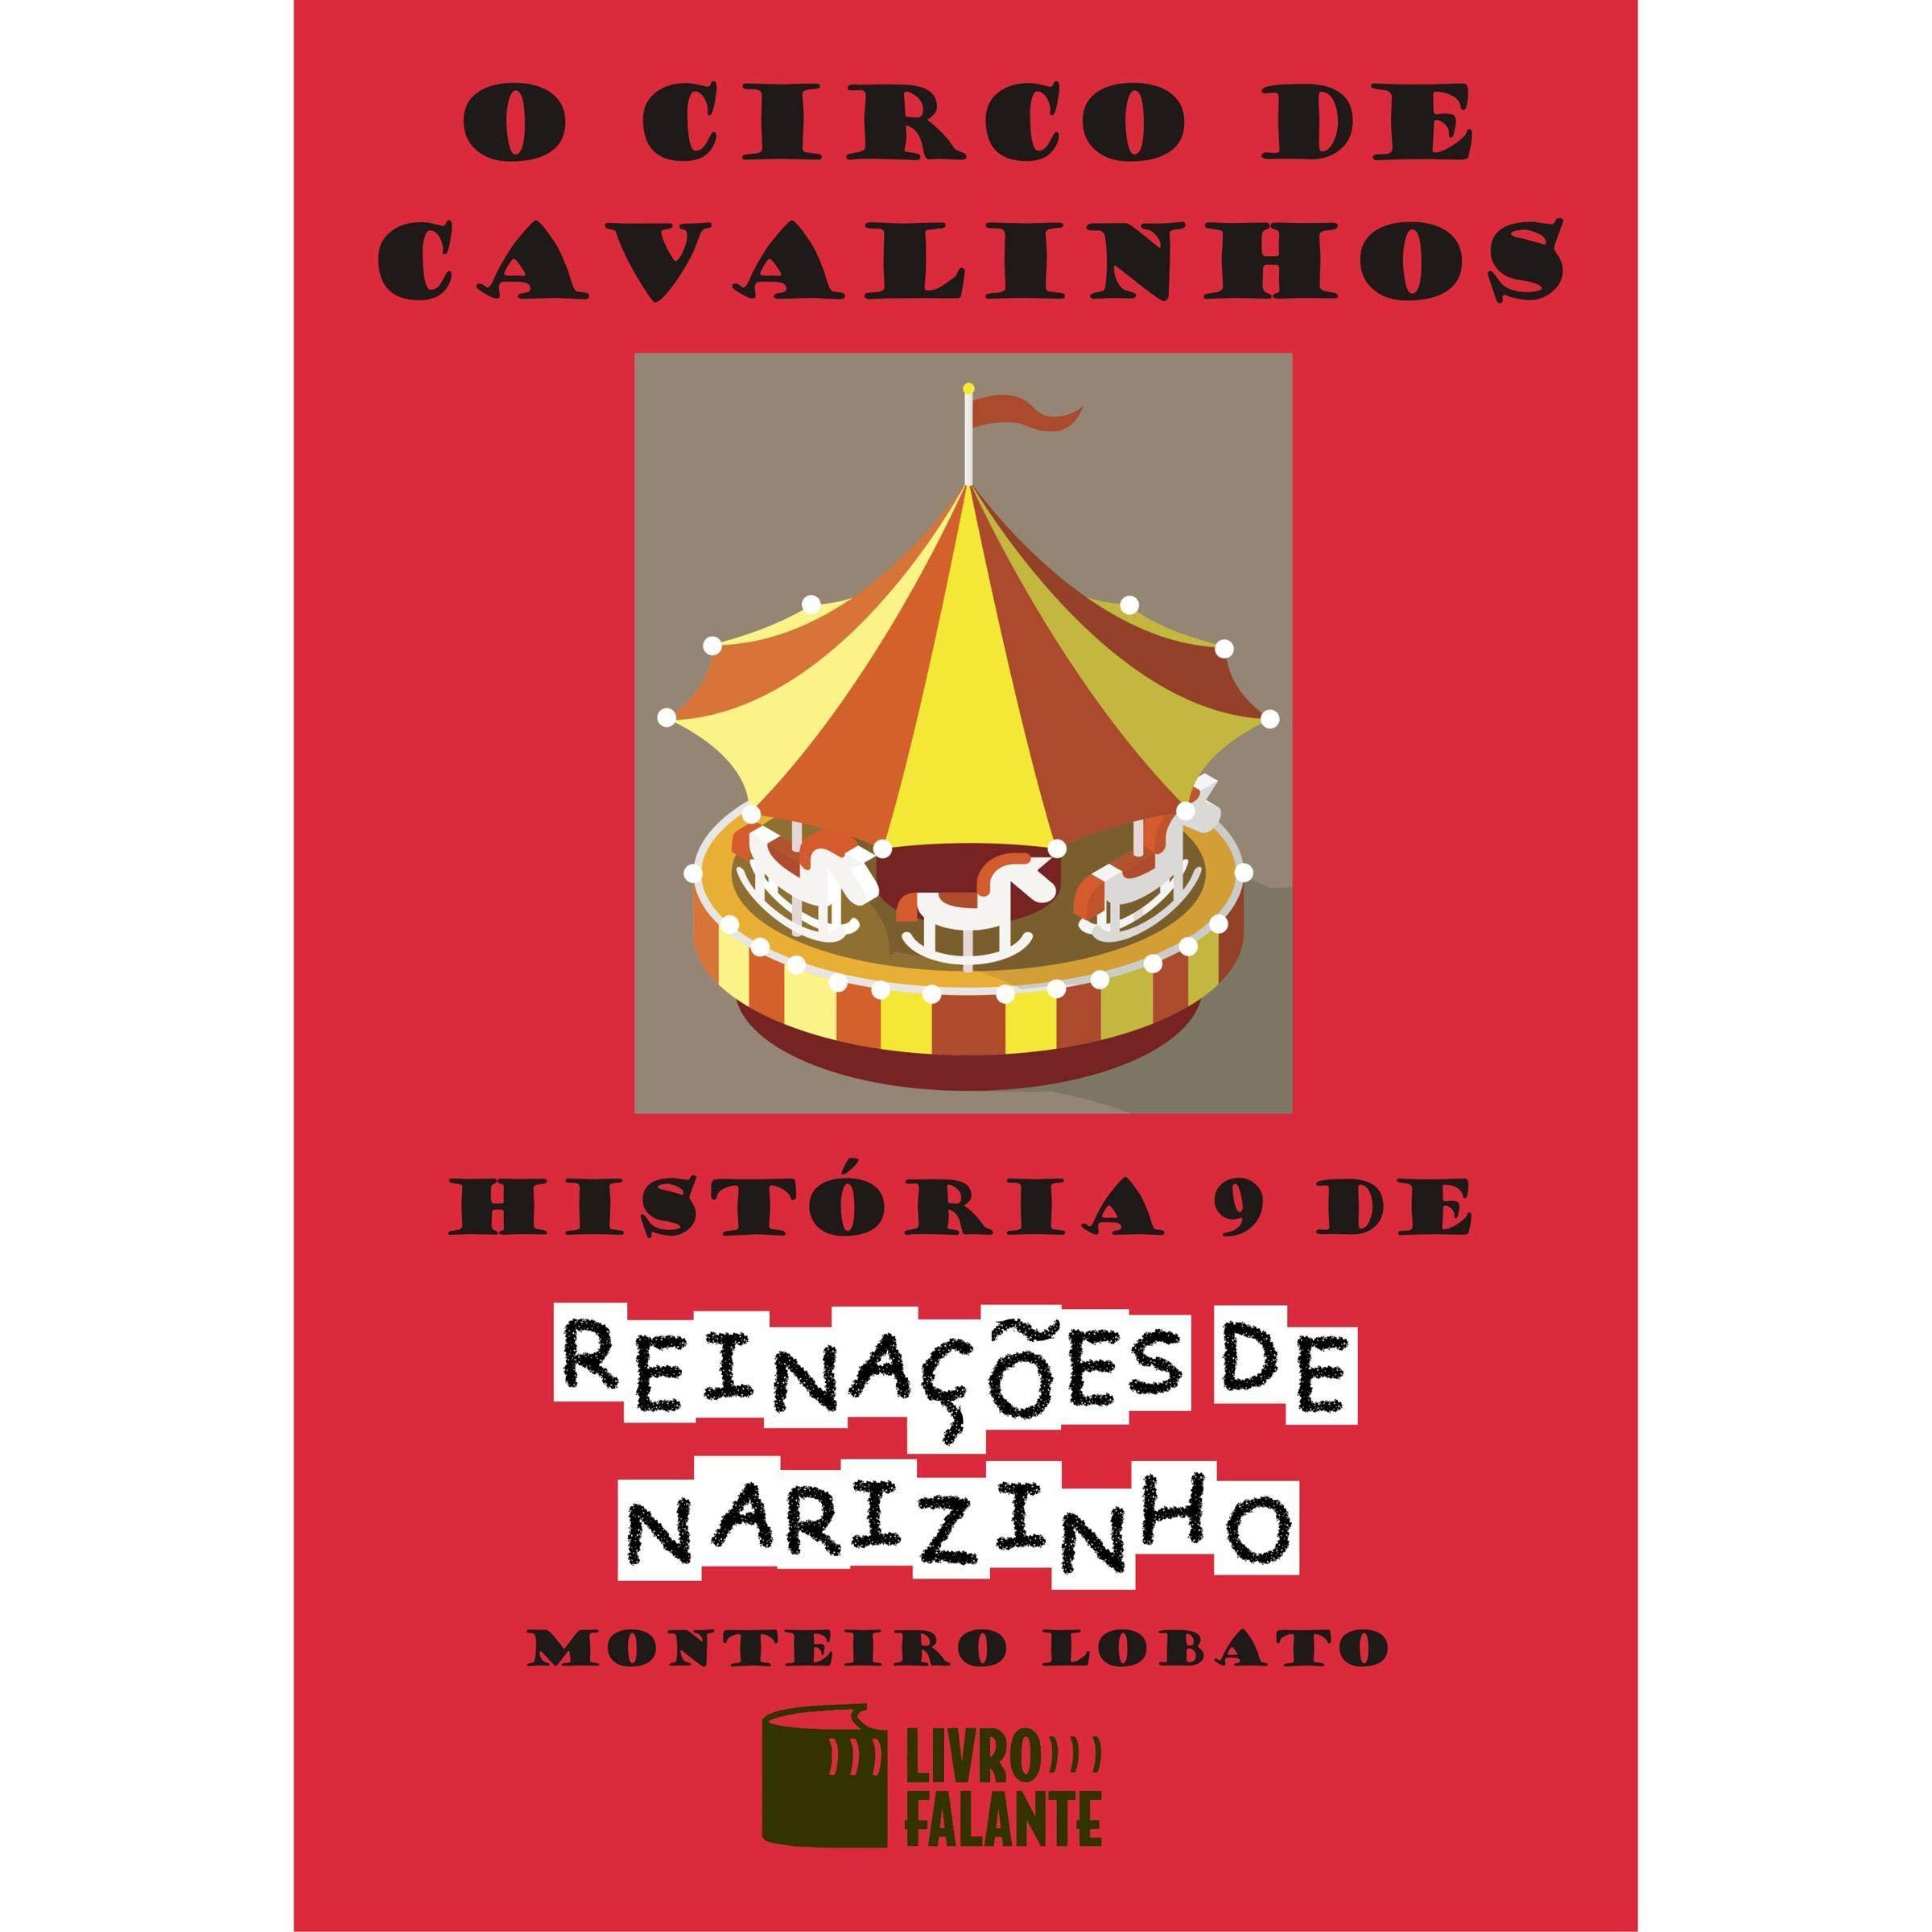 O circo de cavalinhos | Audiolivro